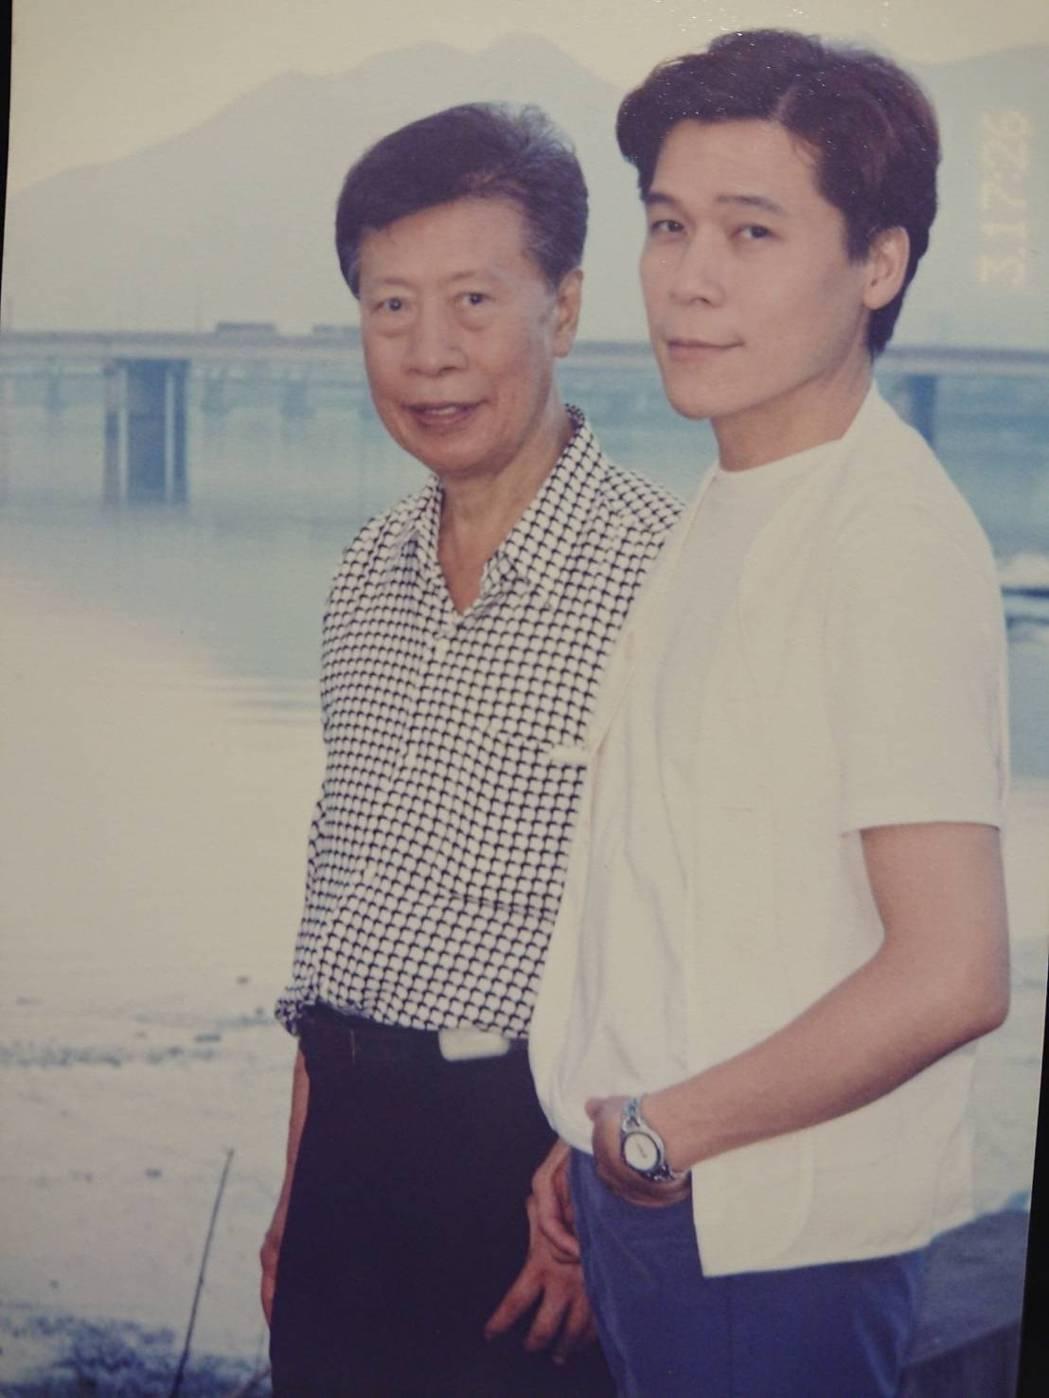 洪榮宏(右)很思念爸爸洪一峰。圖/寬宏藝術提供